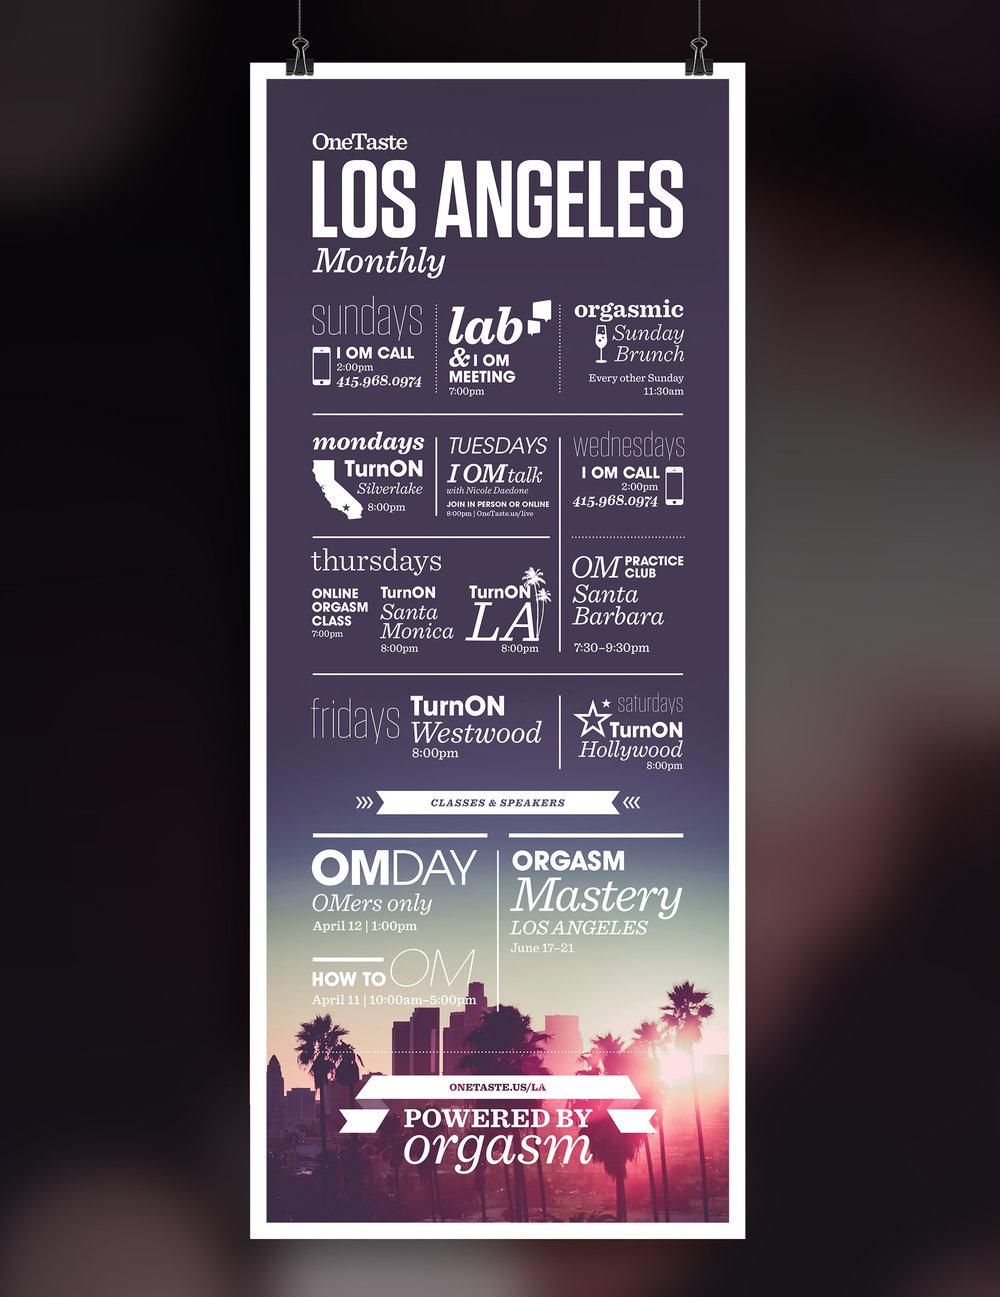 Poster Series | OneTaste